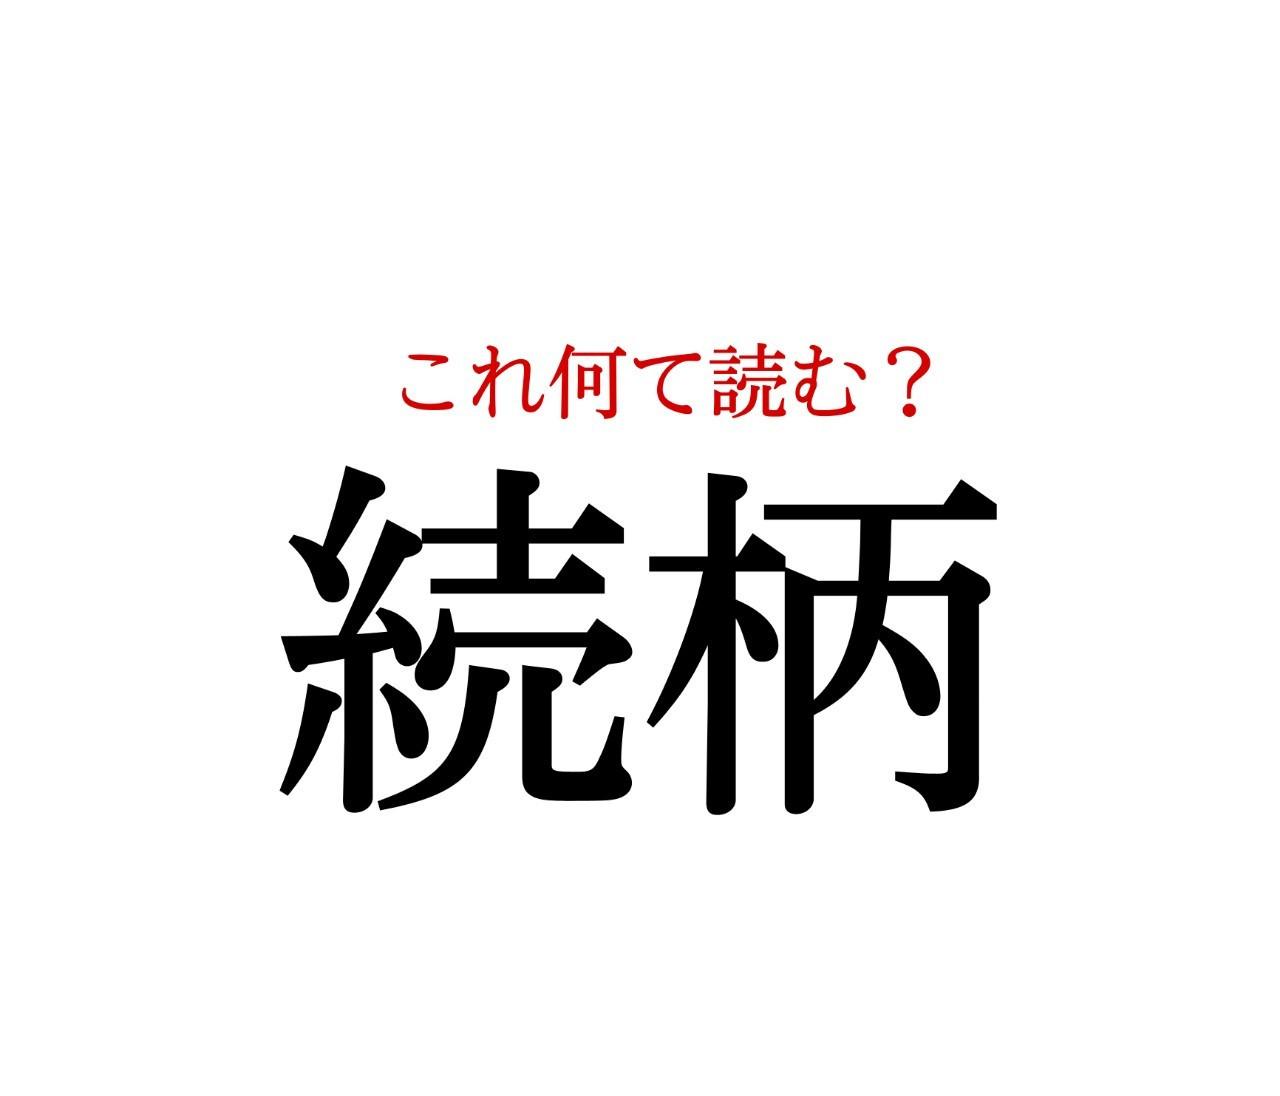 「続柄」:この漢字、自信を持って読めますか?【働く大人の漢字クイズvol.201】